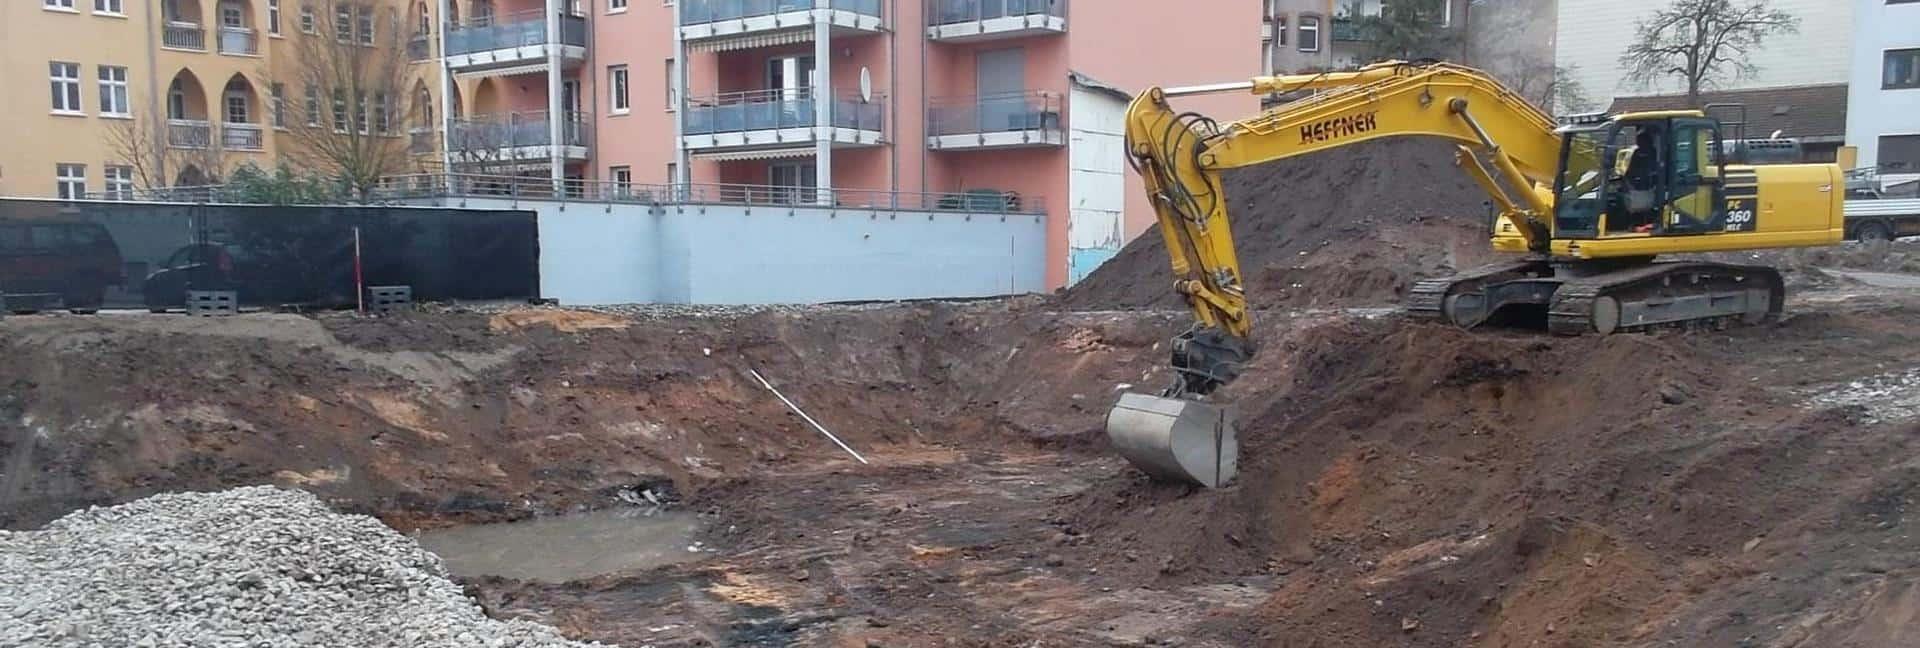 Badstraße Fürth - Fachgutachterliche Begleitung Erdarbeiten